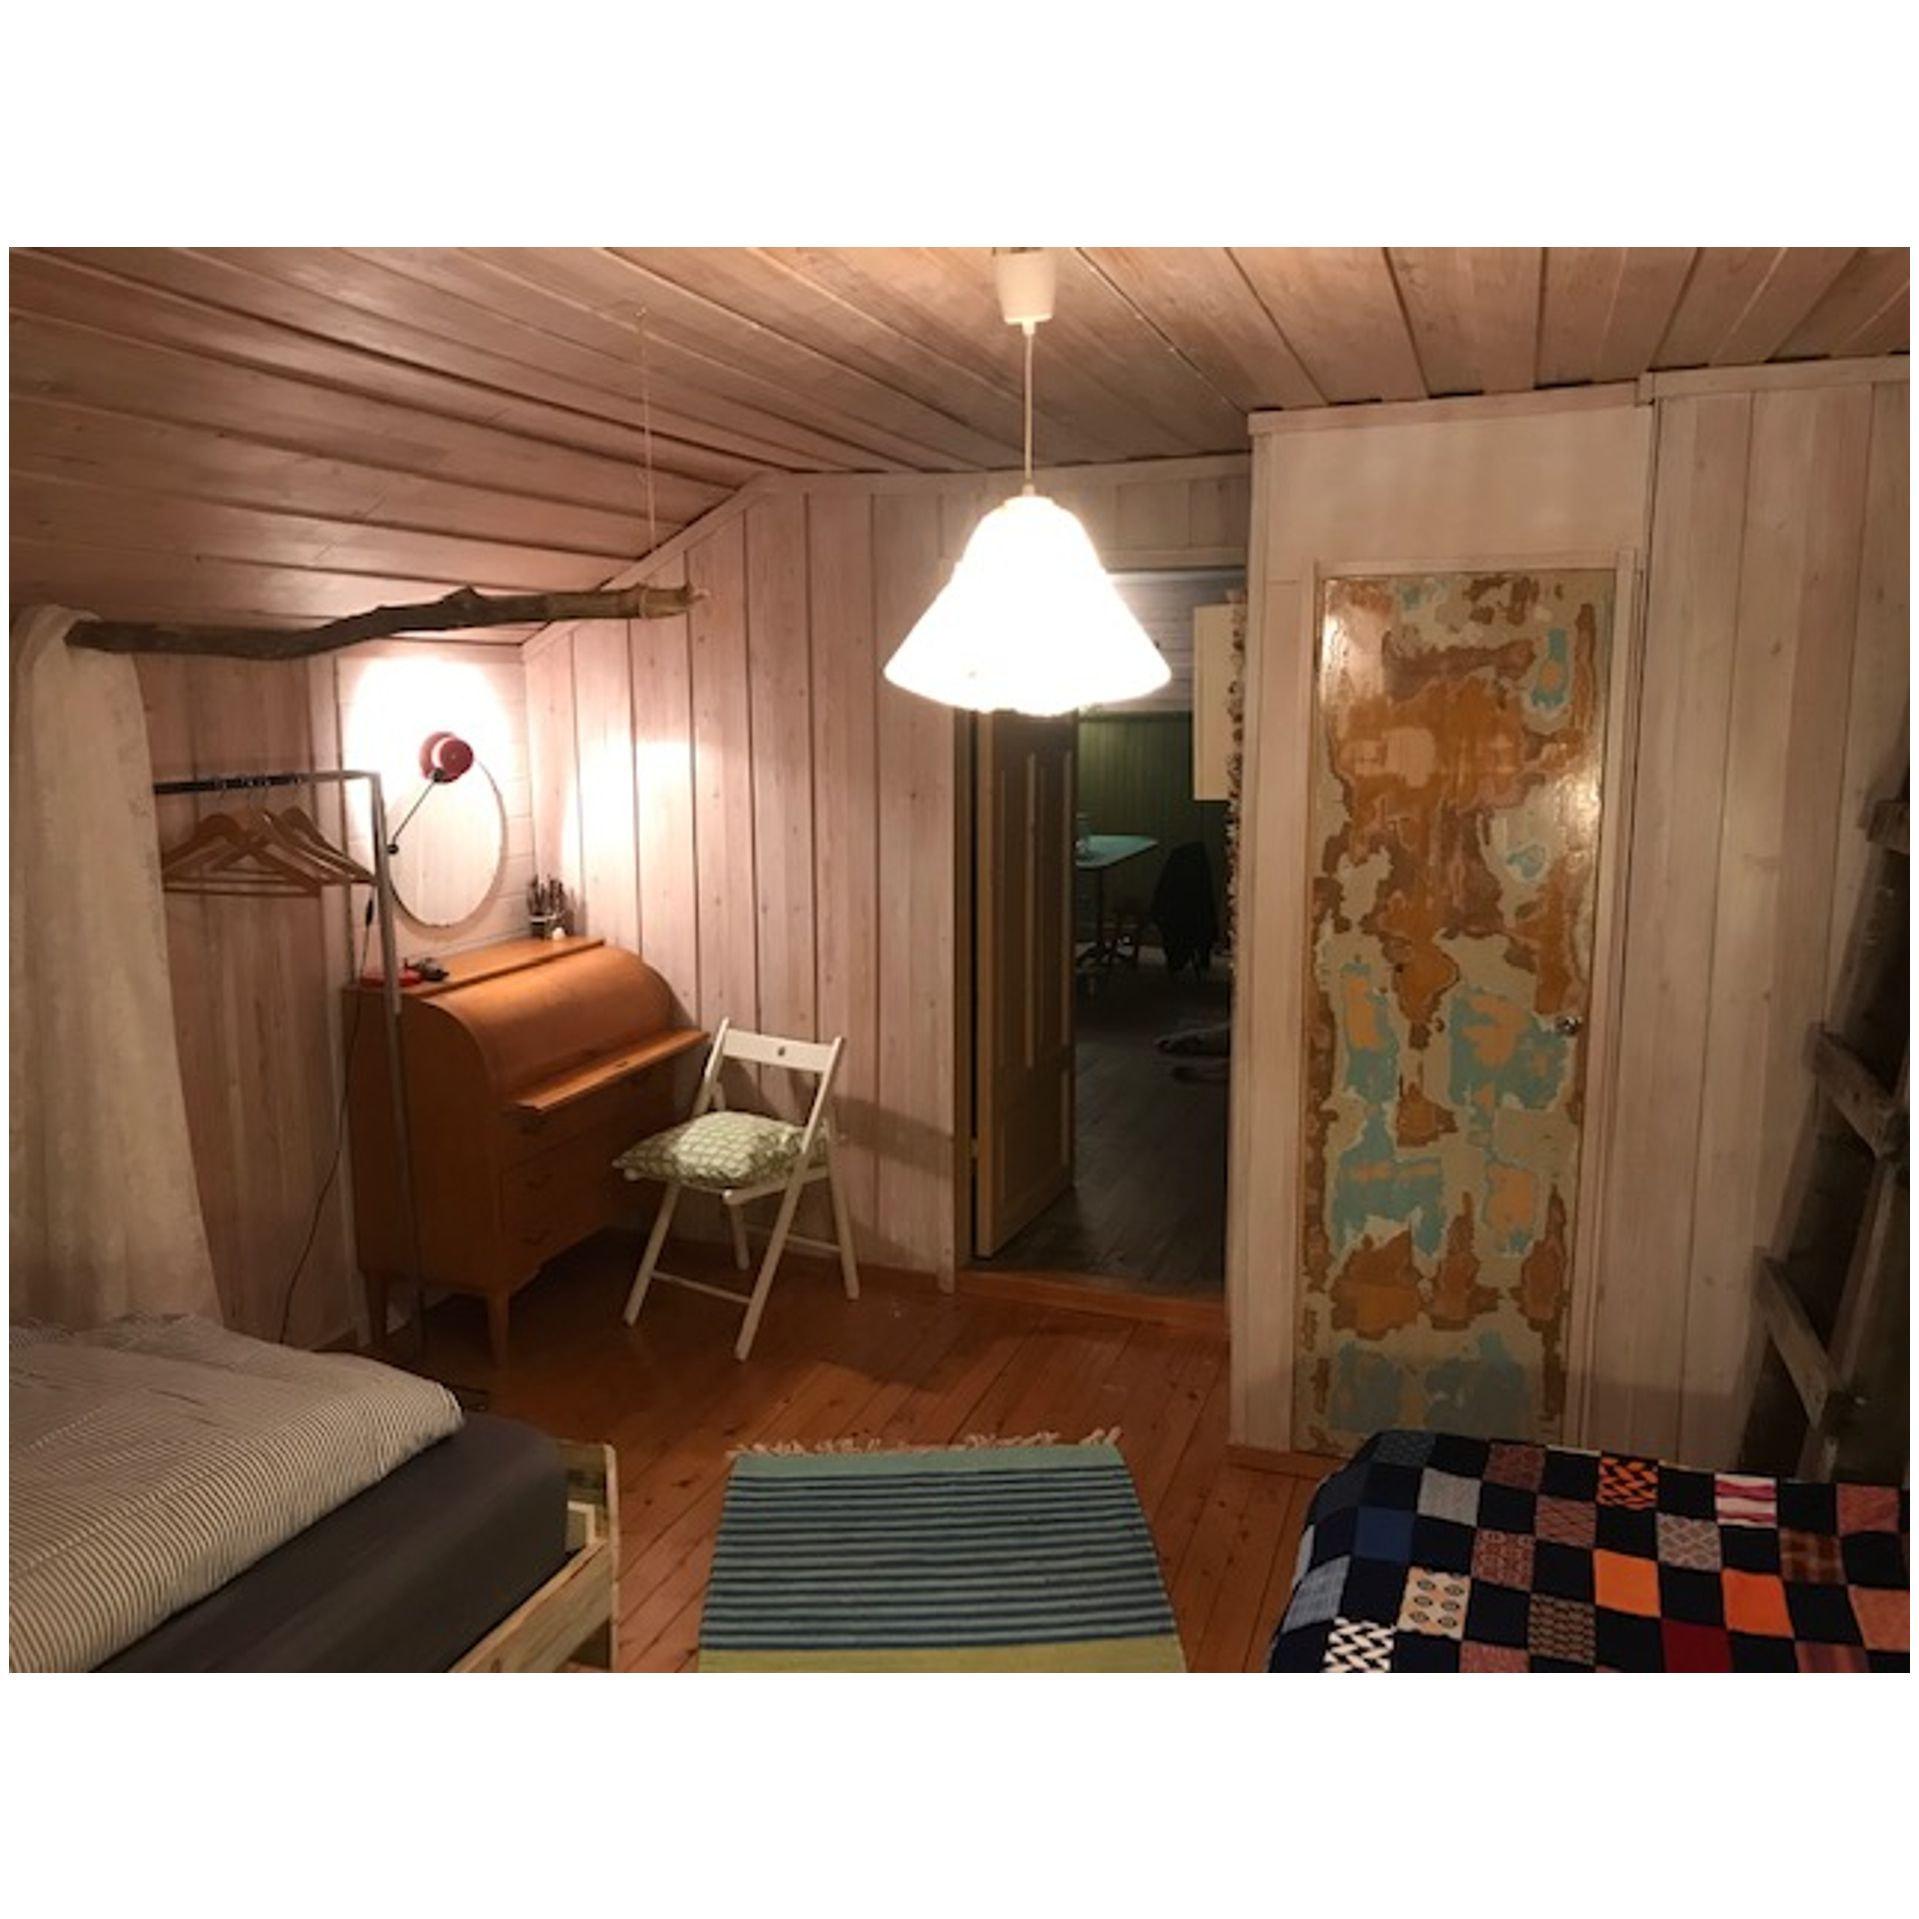 cabin, interior, cozy